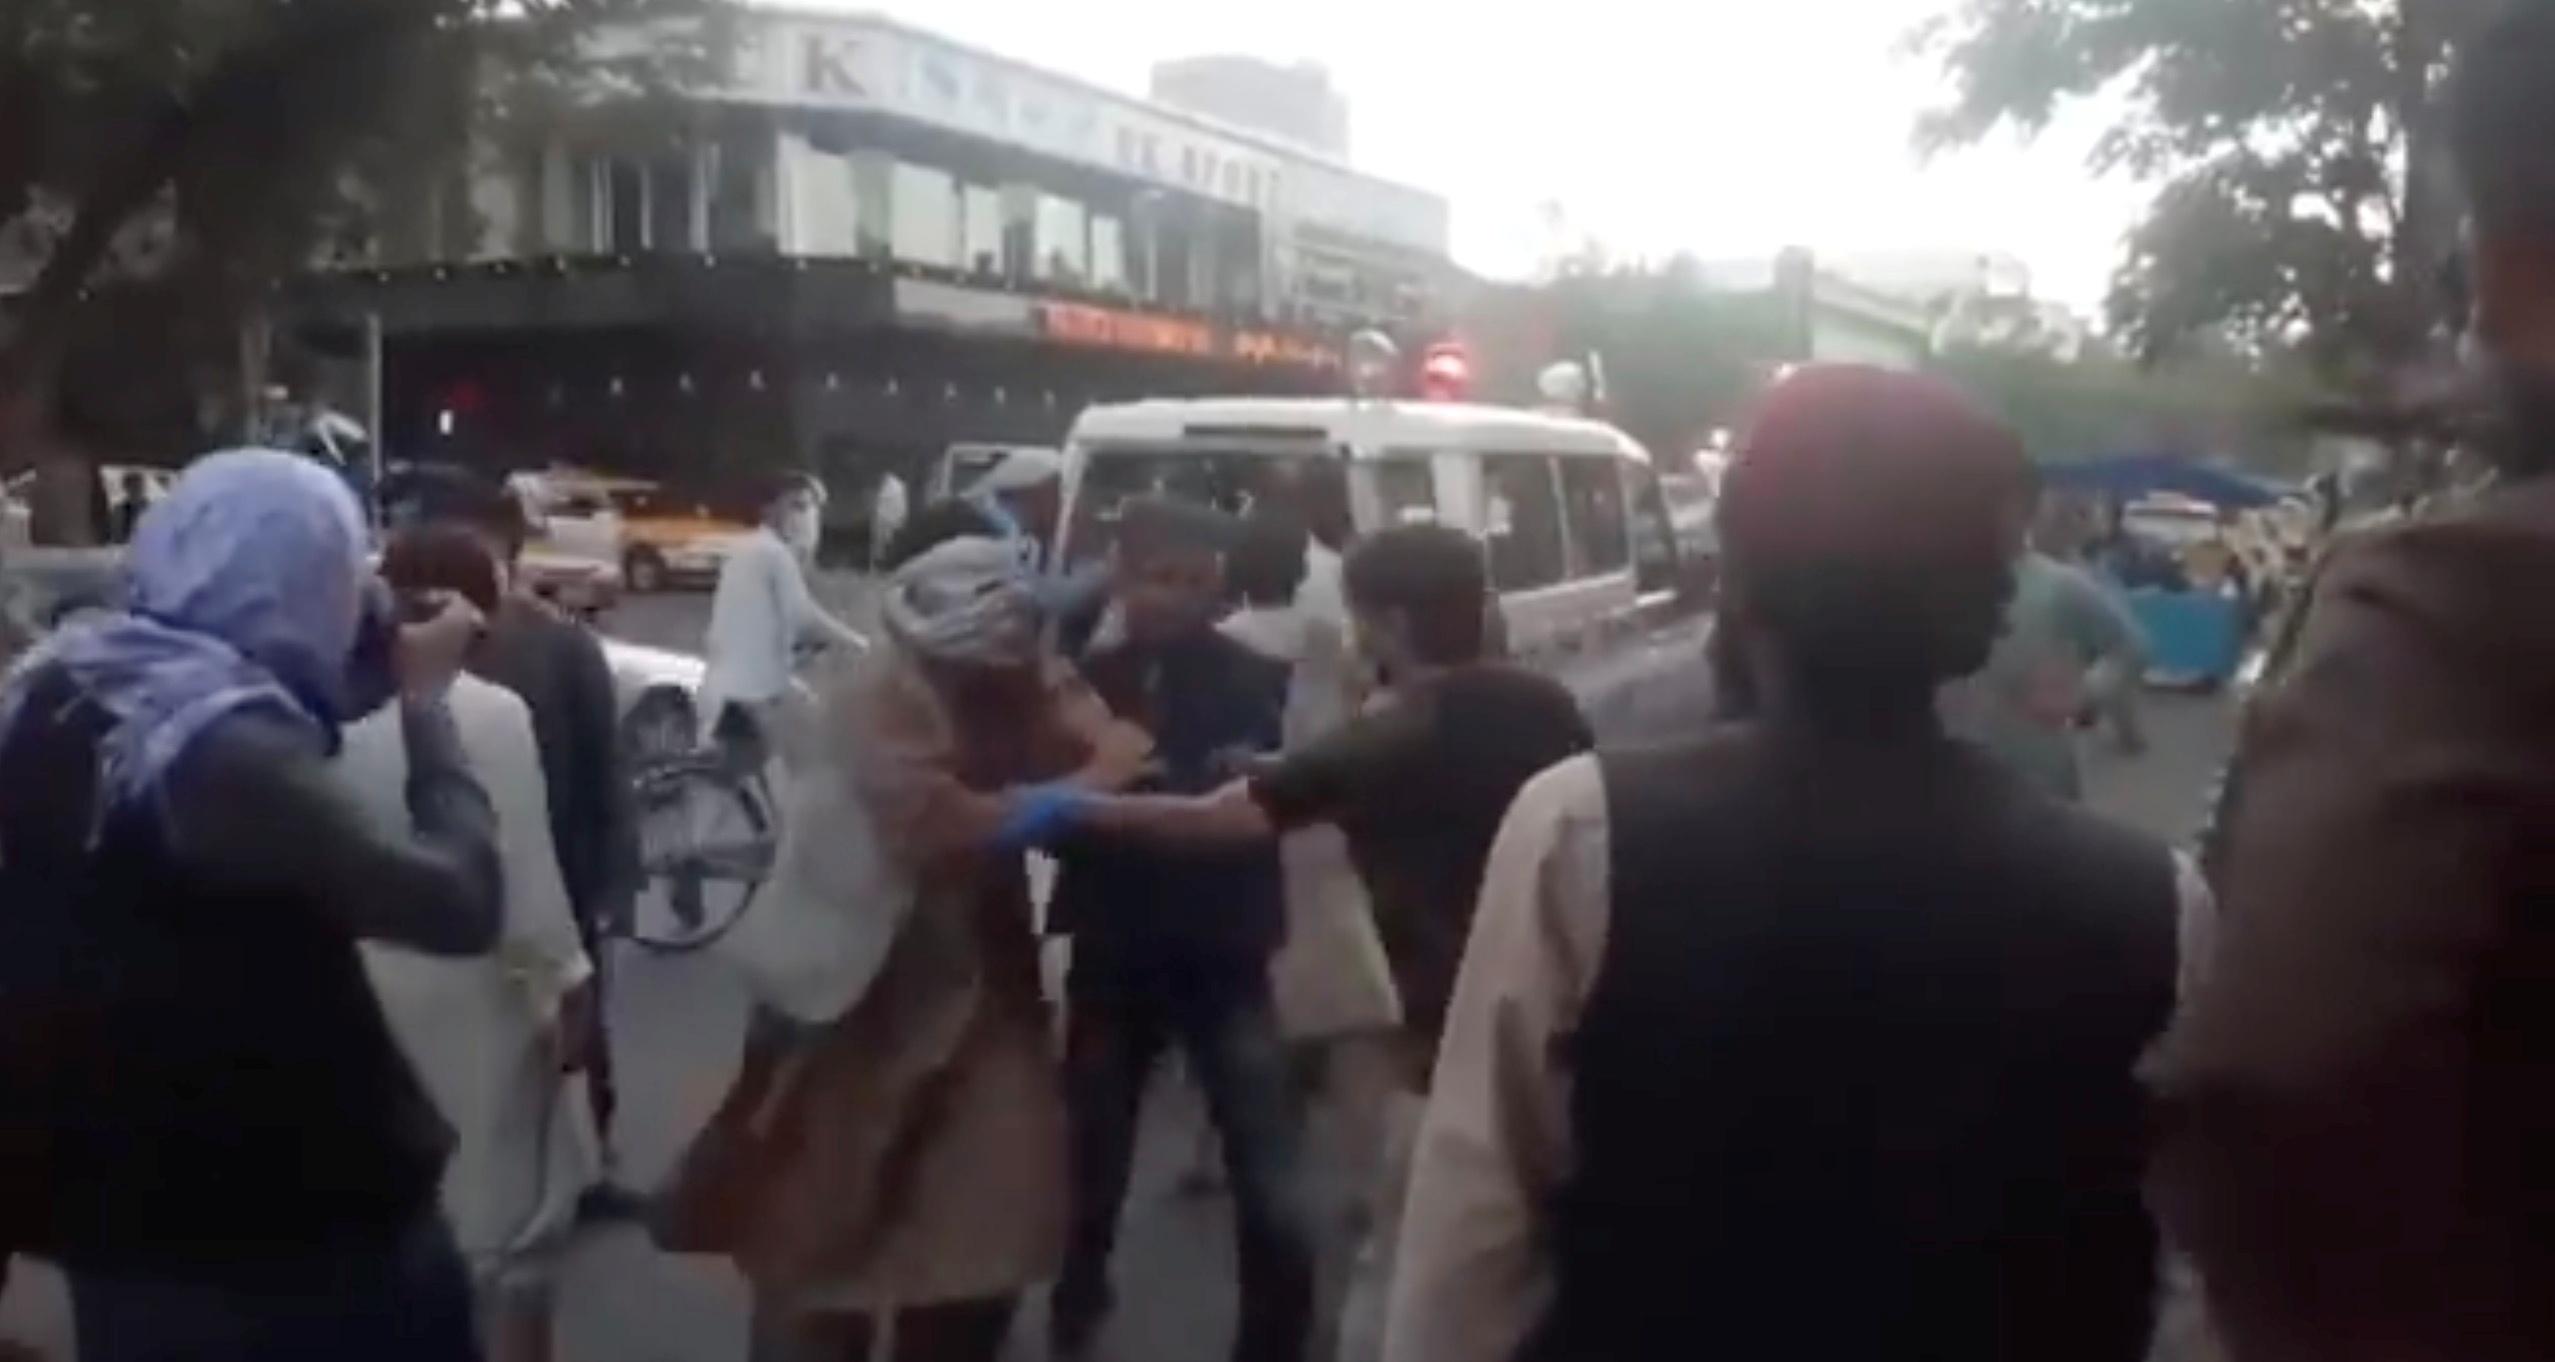 Αφγανιστάν: Εικόνες φρίκης από τη Καμπούλ – Δεκάδες νεκροί και τραυματίες από την έκρηξη